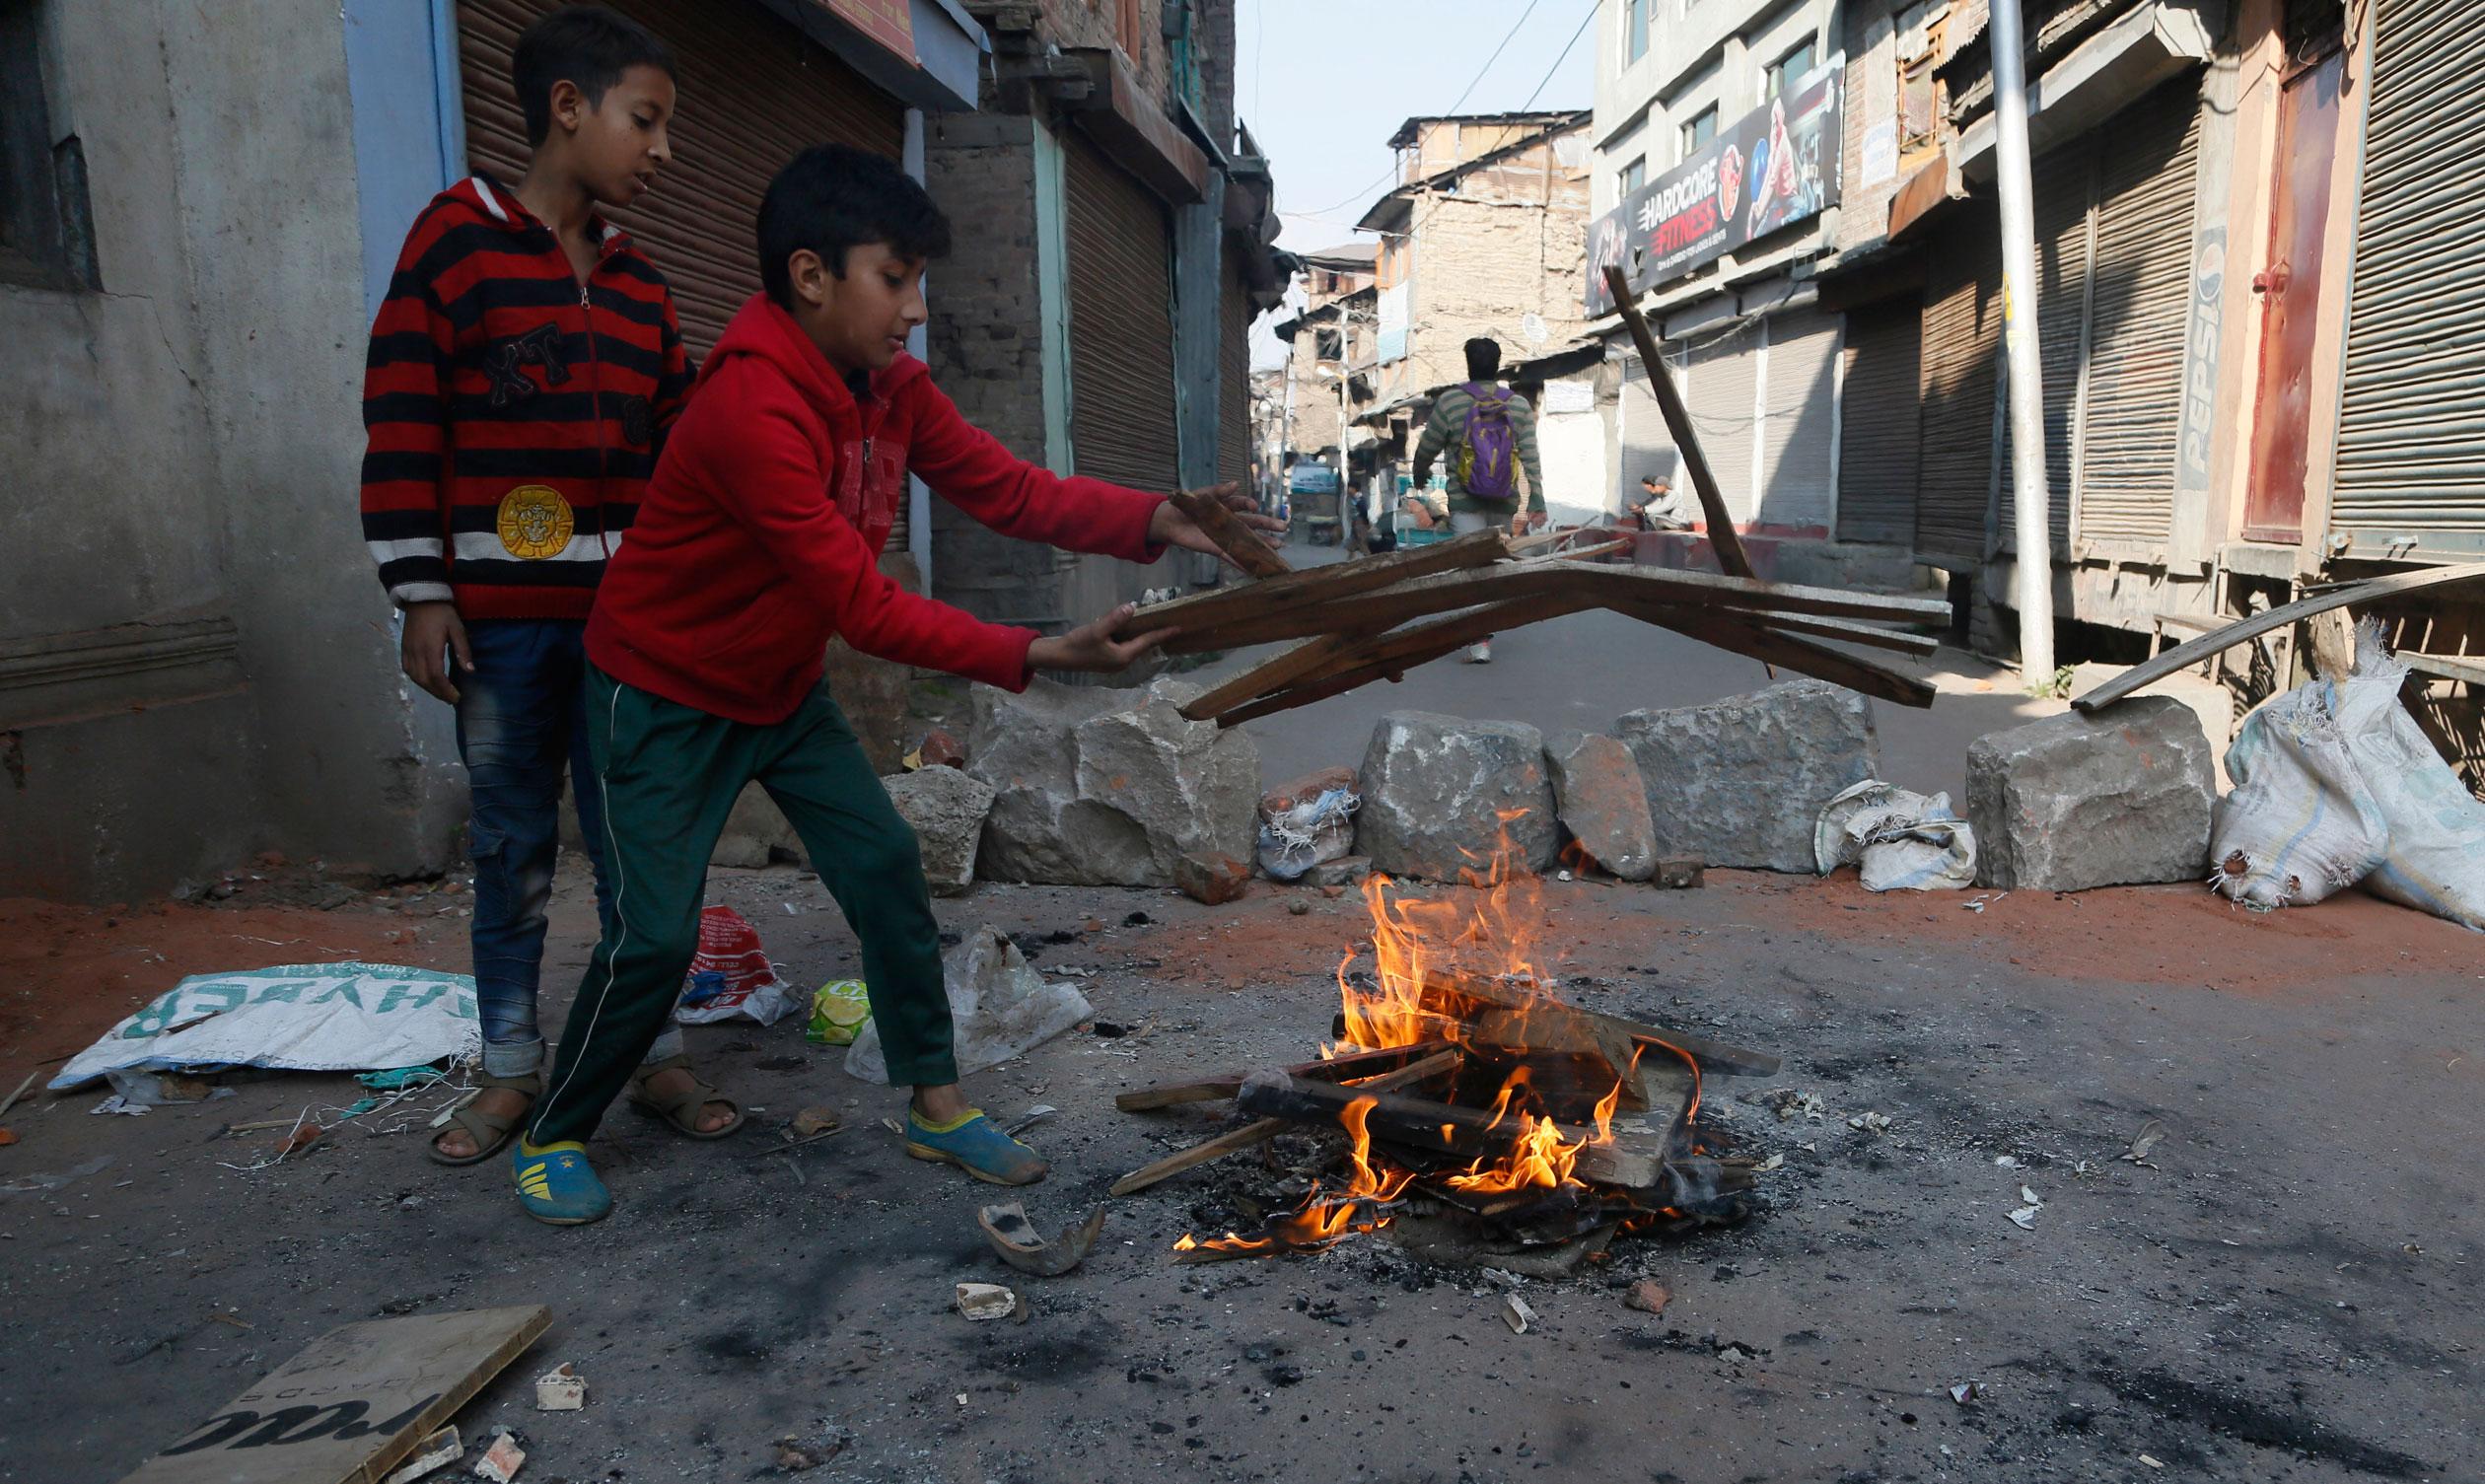 Kashmiri boys add wood to burn near a barricade in downtown Srinagar on October 31, 2019.